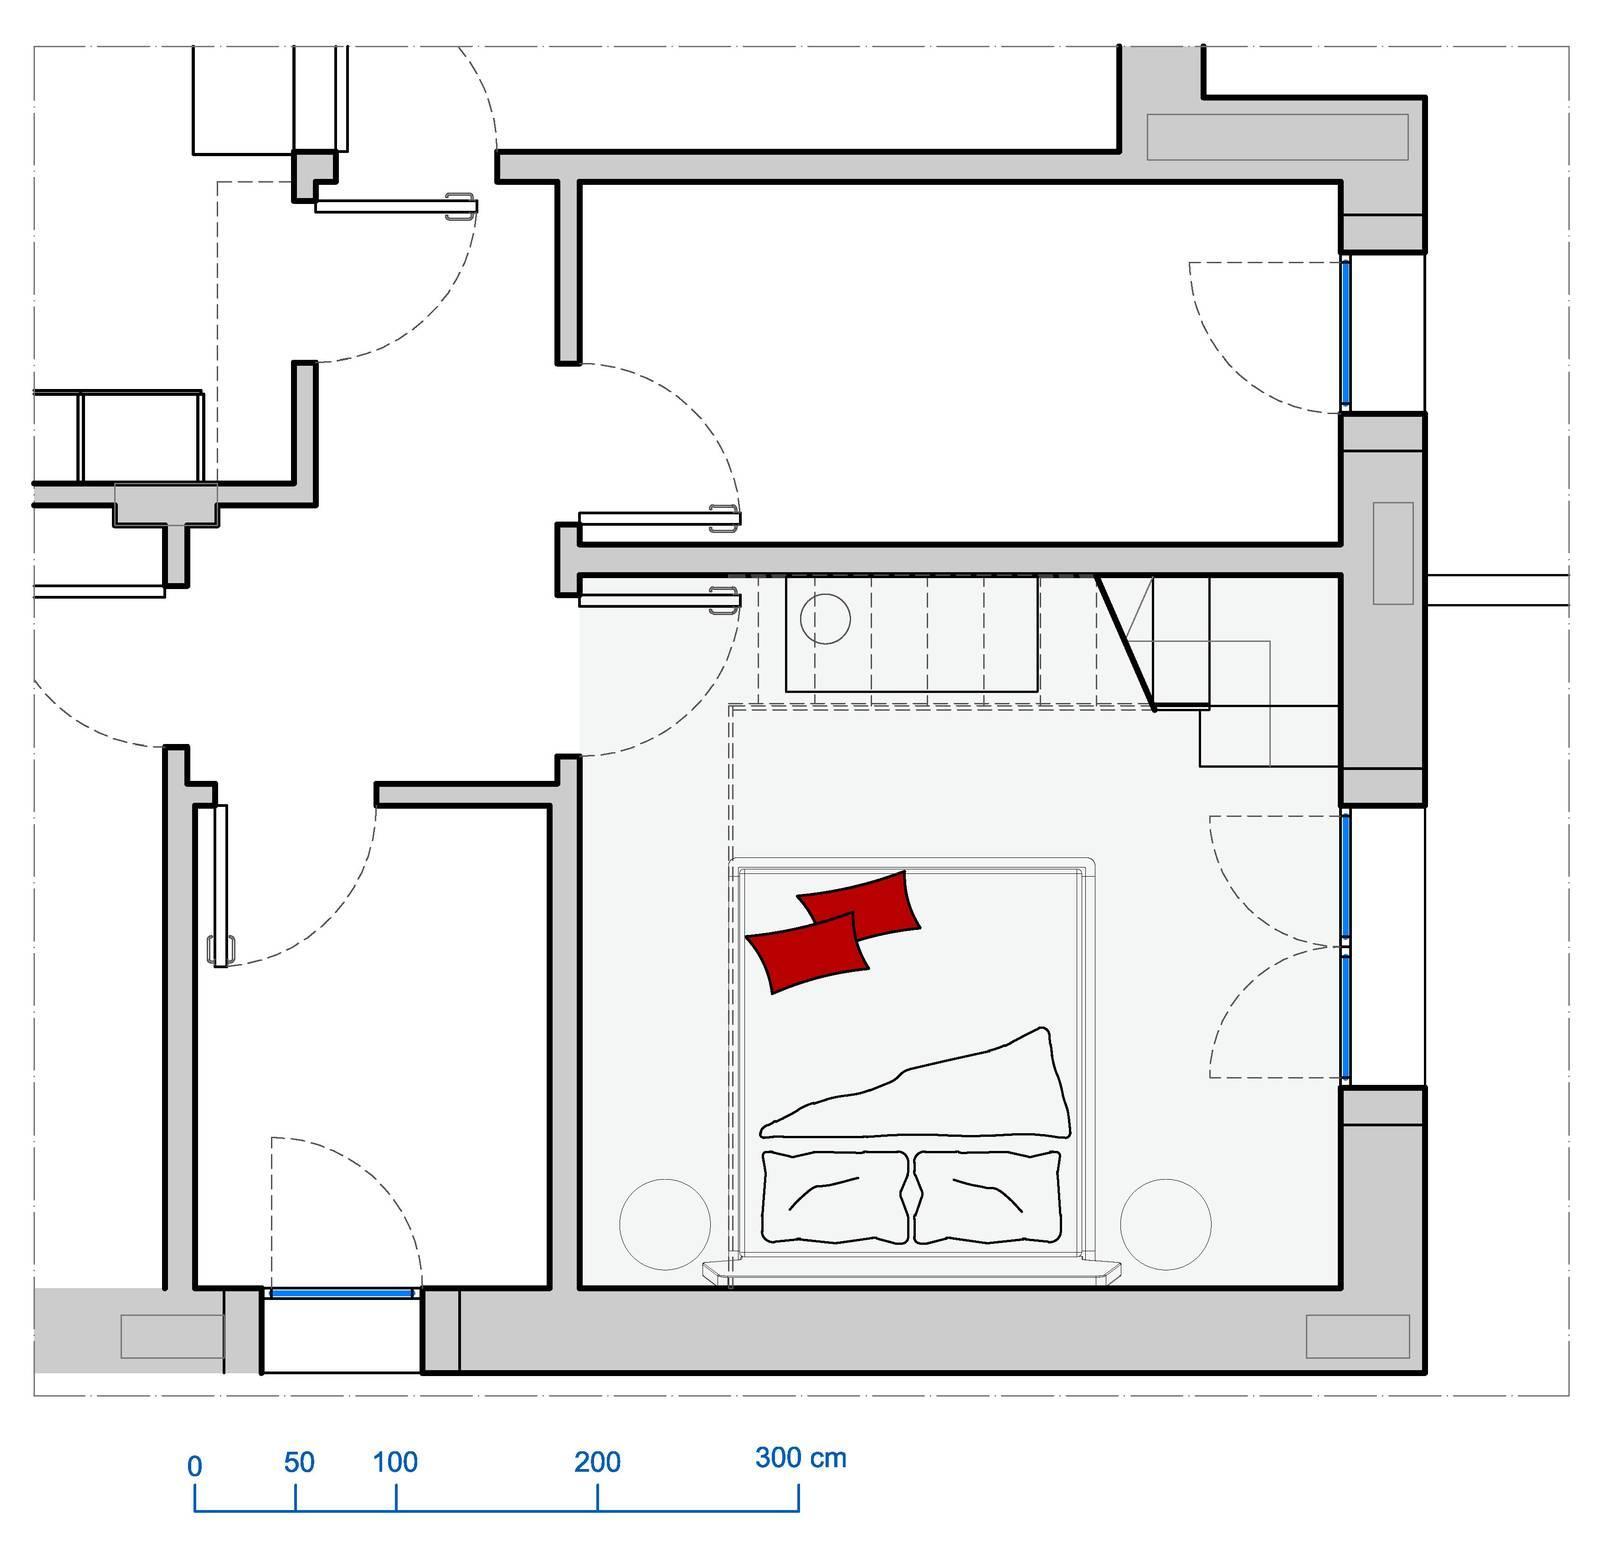 Progetti separare cucina e soggiorno e sfruttare l for Costruito nella cabina della cucina